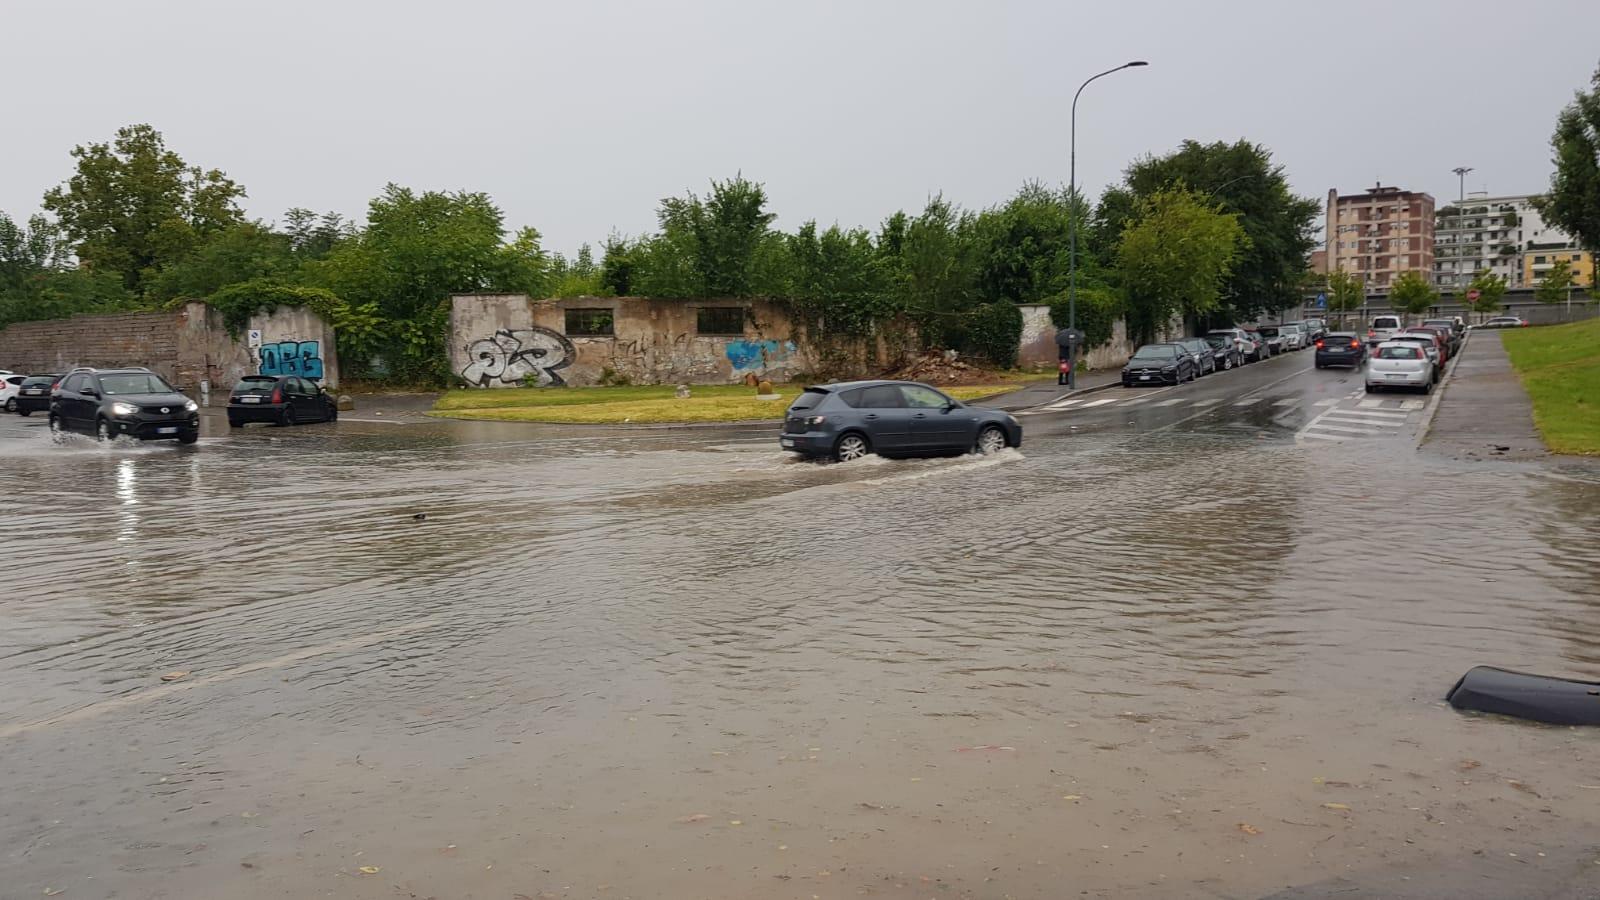 Nuova ondata di maltempo su Brescia VIDEO